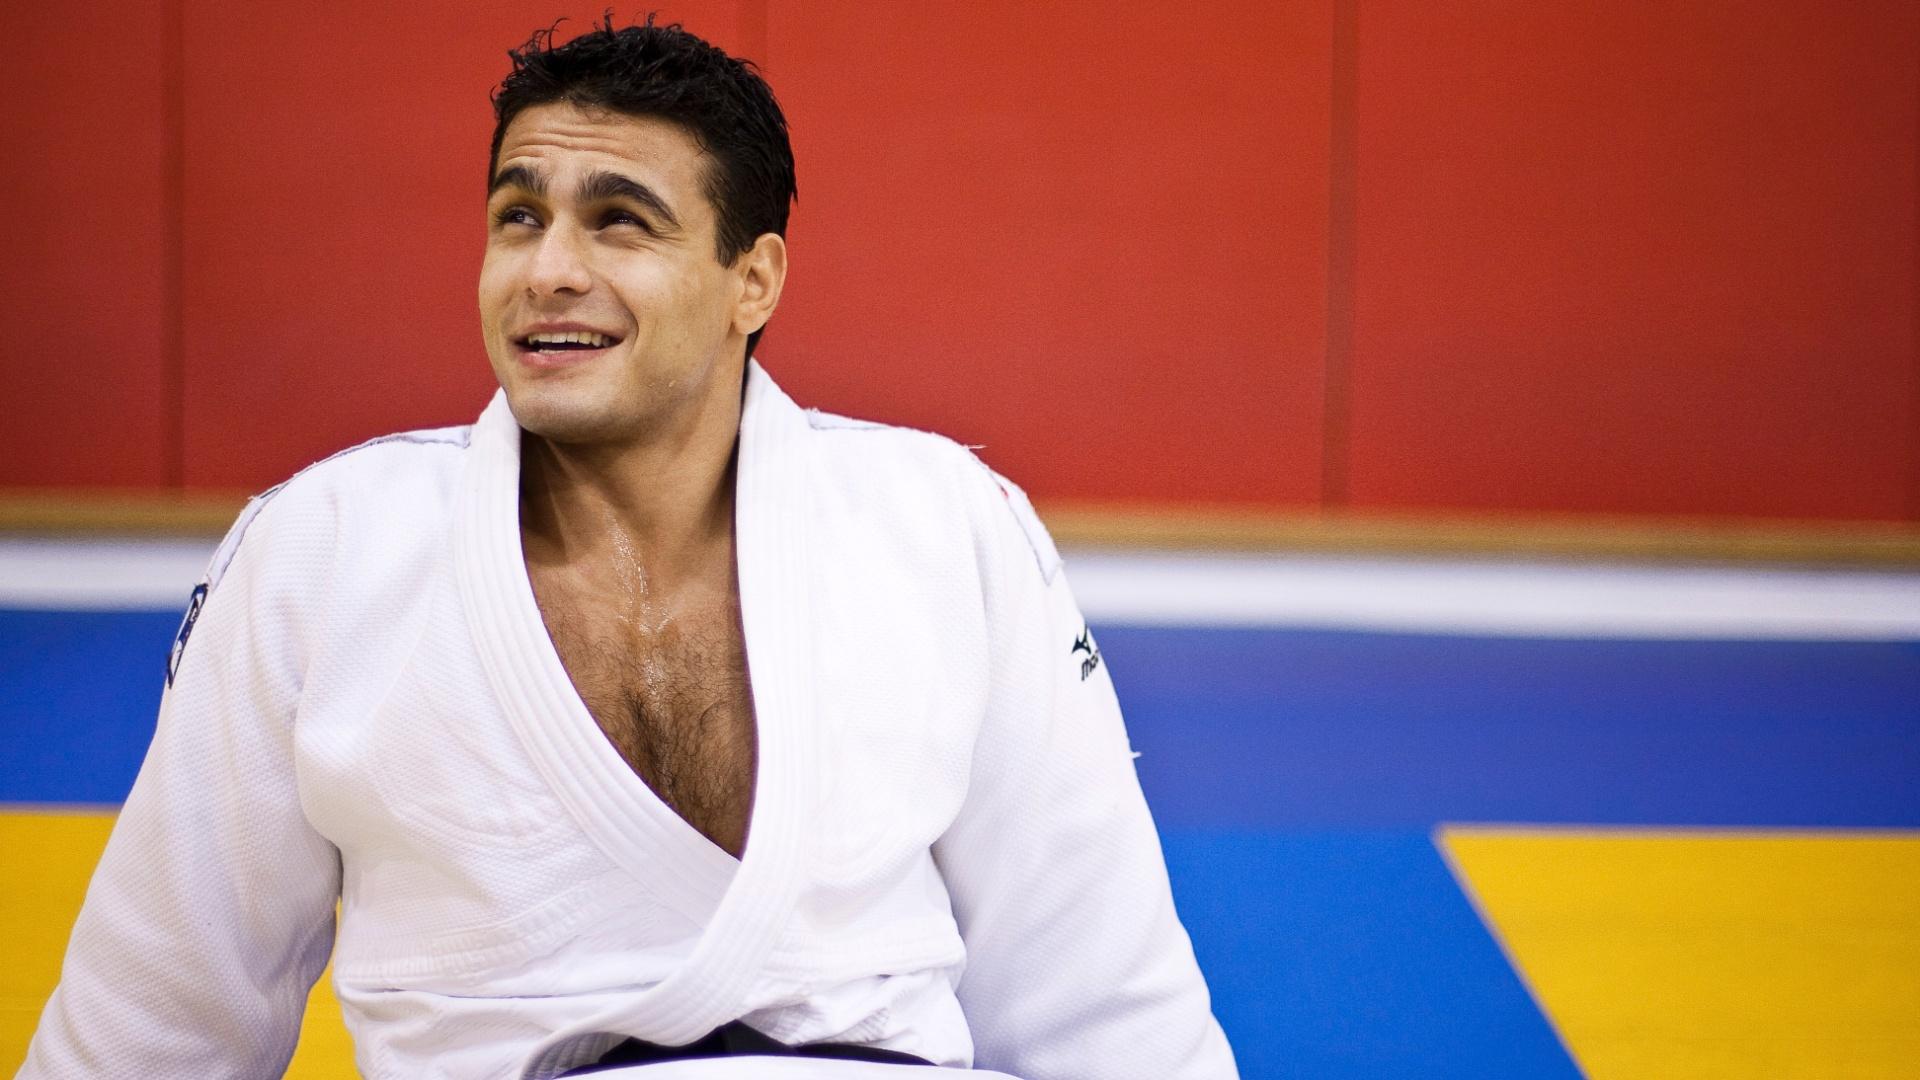 O judoca Leandro Guilheiro entra como um dos favoritos para a disputa da medalha de ouro em Guadalajara, no Pan-2007 ele ficou com a prata